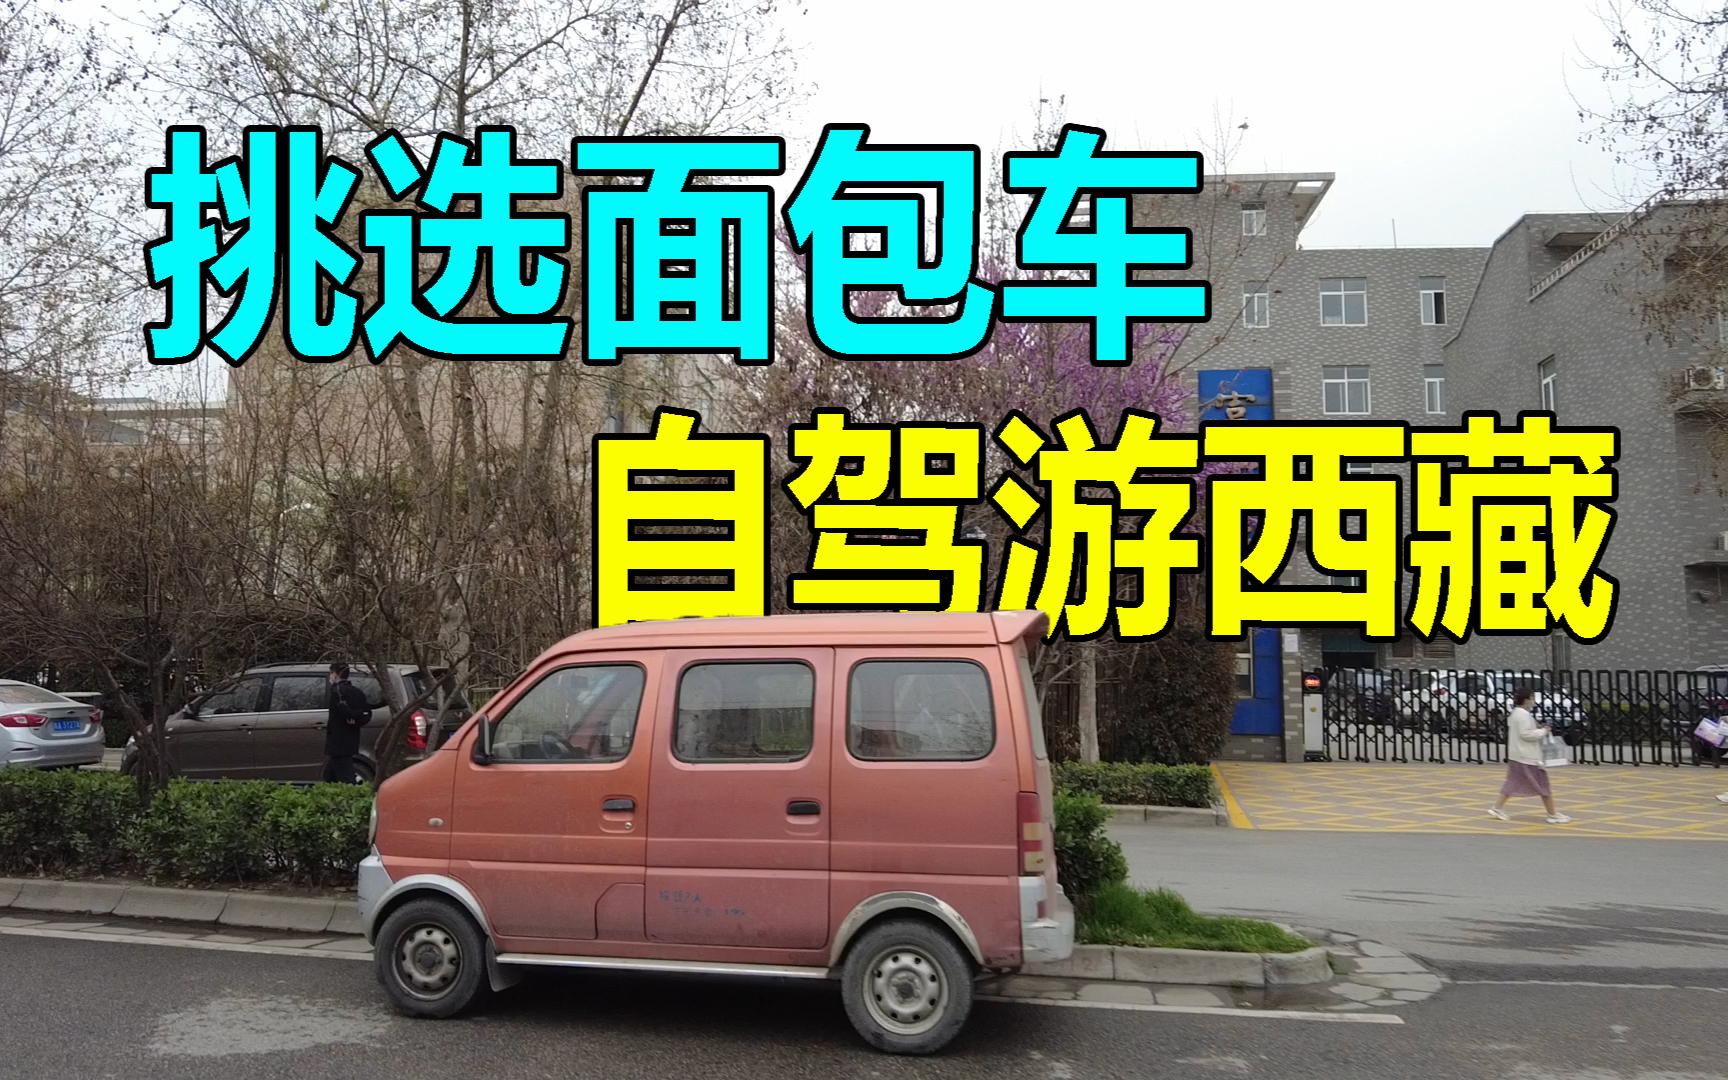 准备开面包车去西藏自驾游,花6000买了一辆车,买完就后悔了